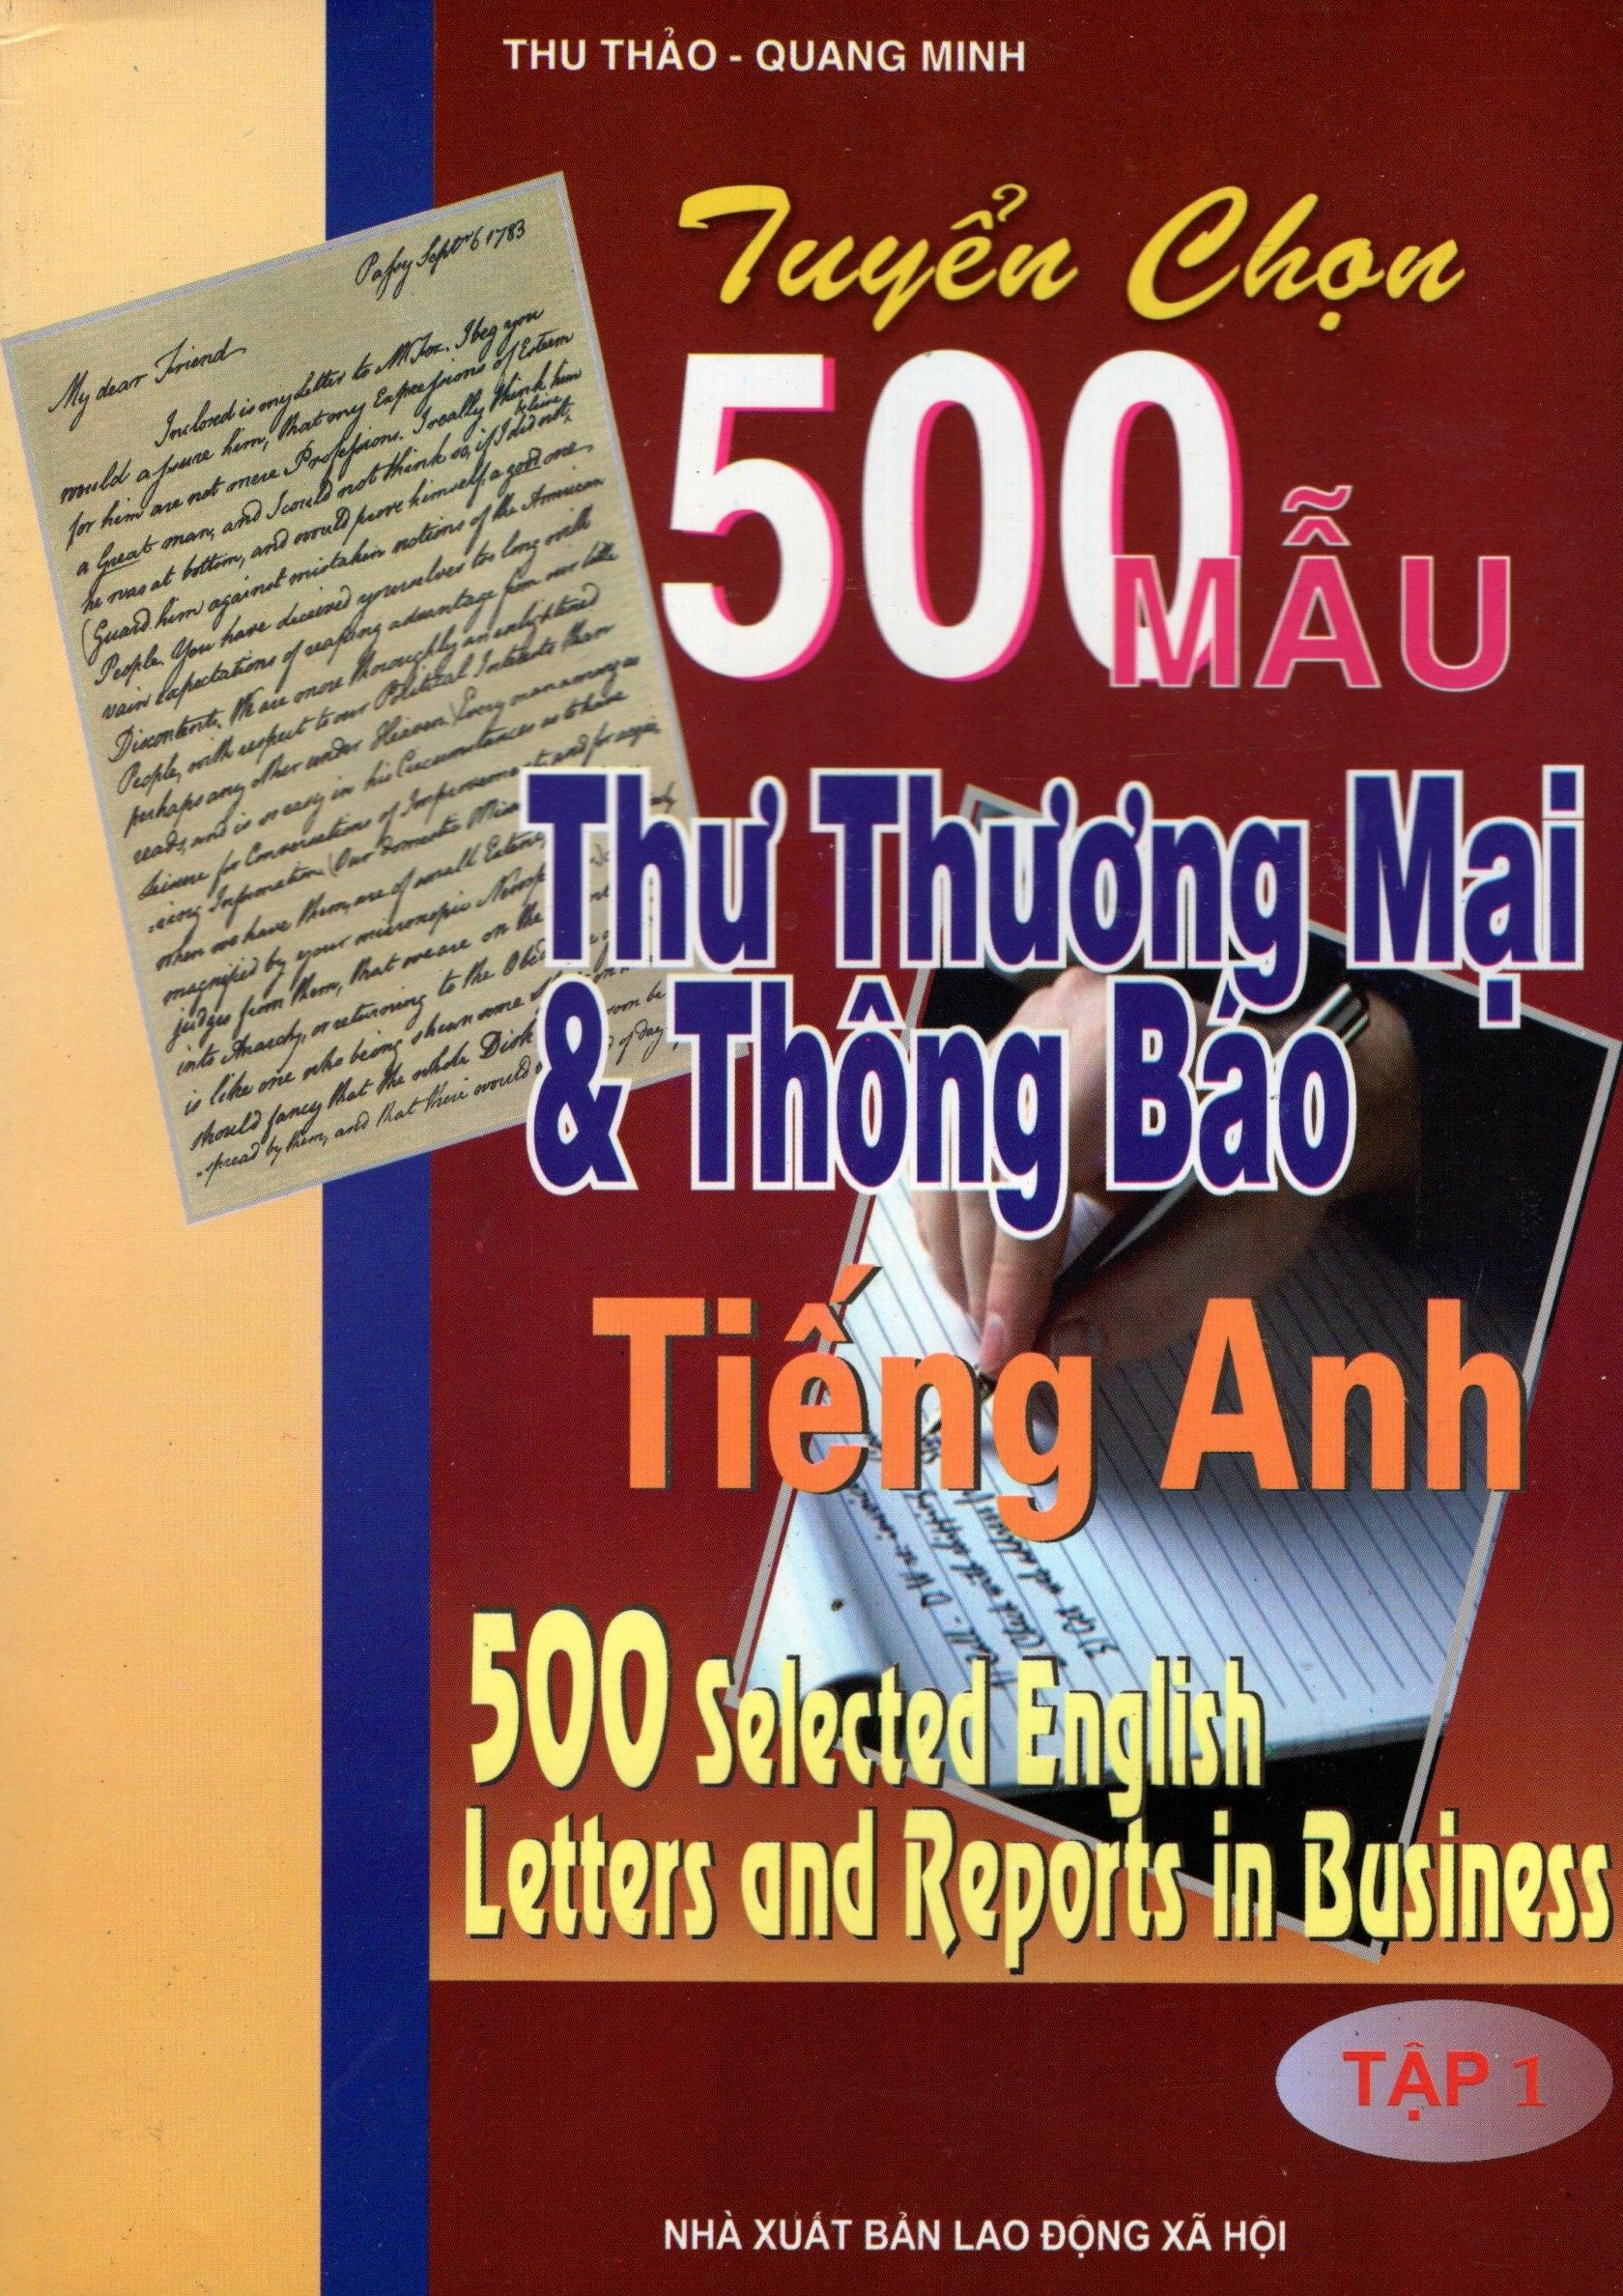 Tuyển Chọn 500 Mẫu Thư Thương Mại  Thông Báo Tiếng Anh (Tập 1)